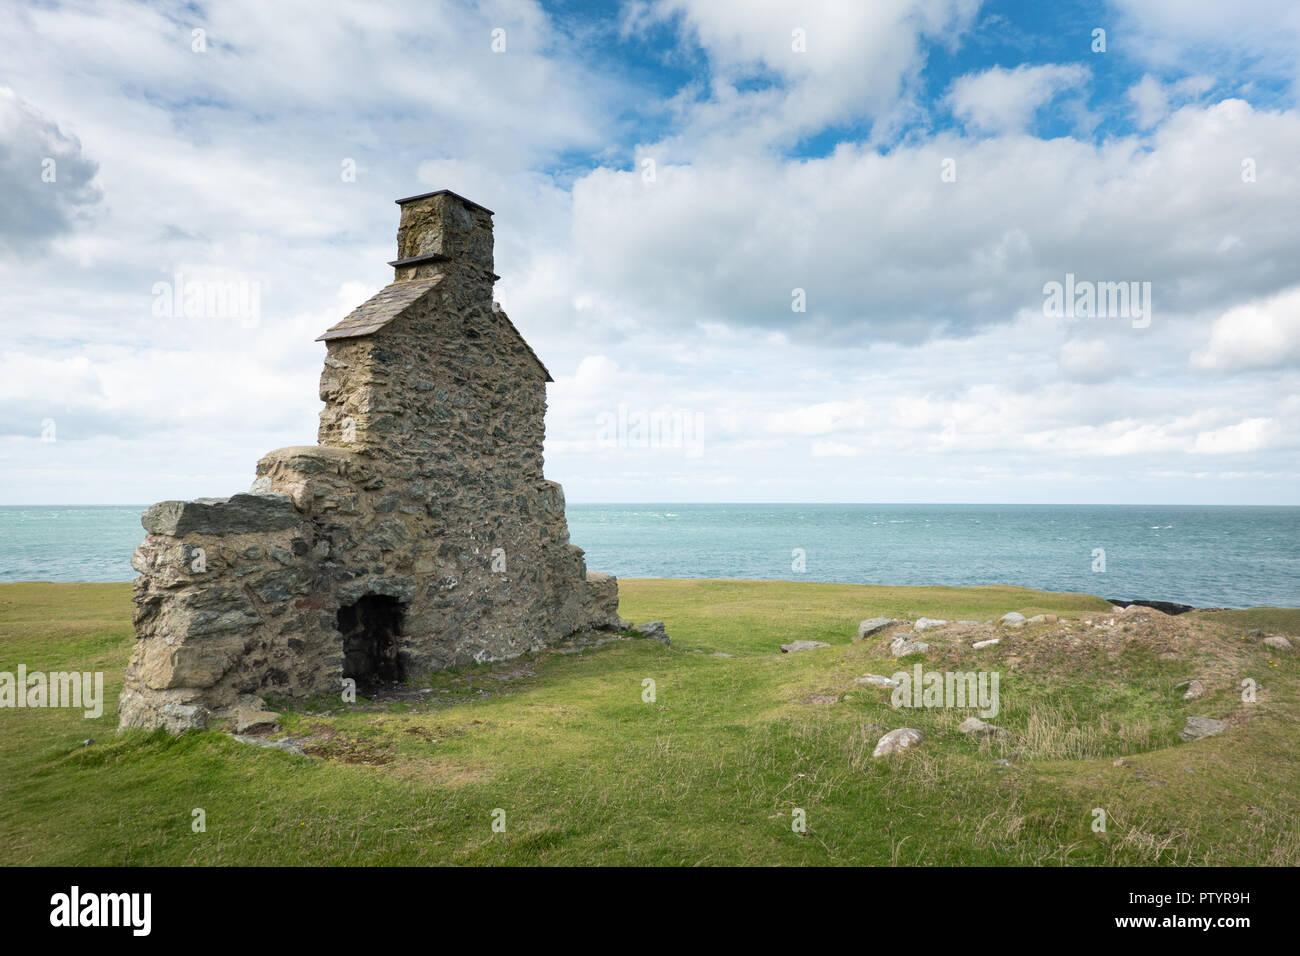 Klippe von Porth Ysgaden auf der Halbinsel Llŷn ruinieren. Stockfoto